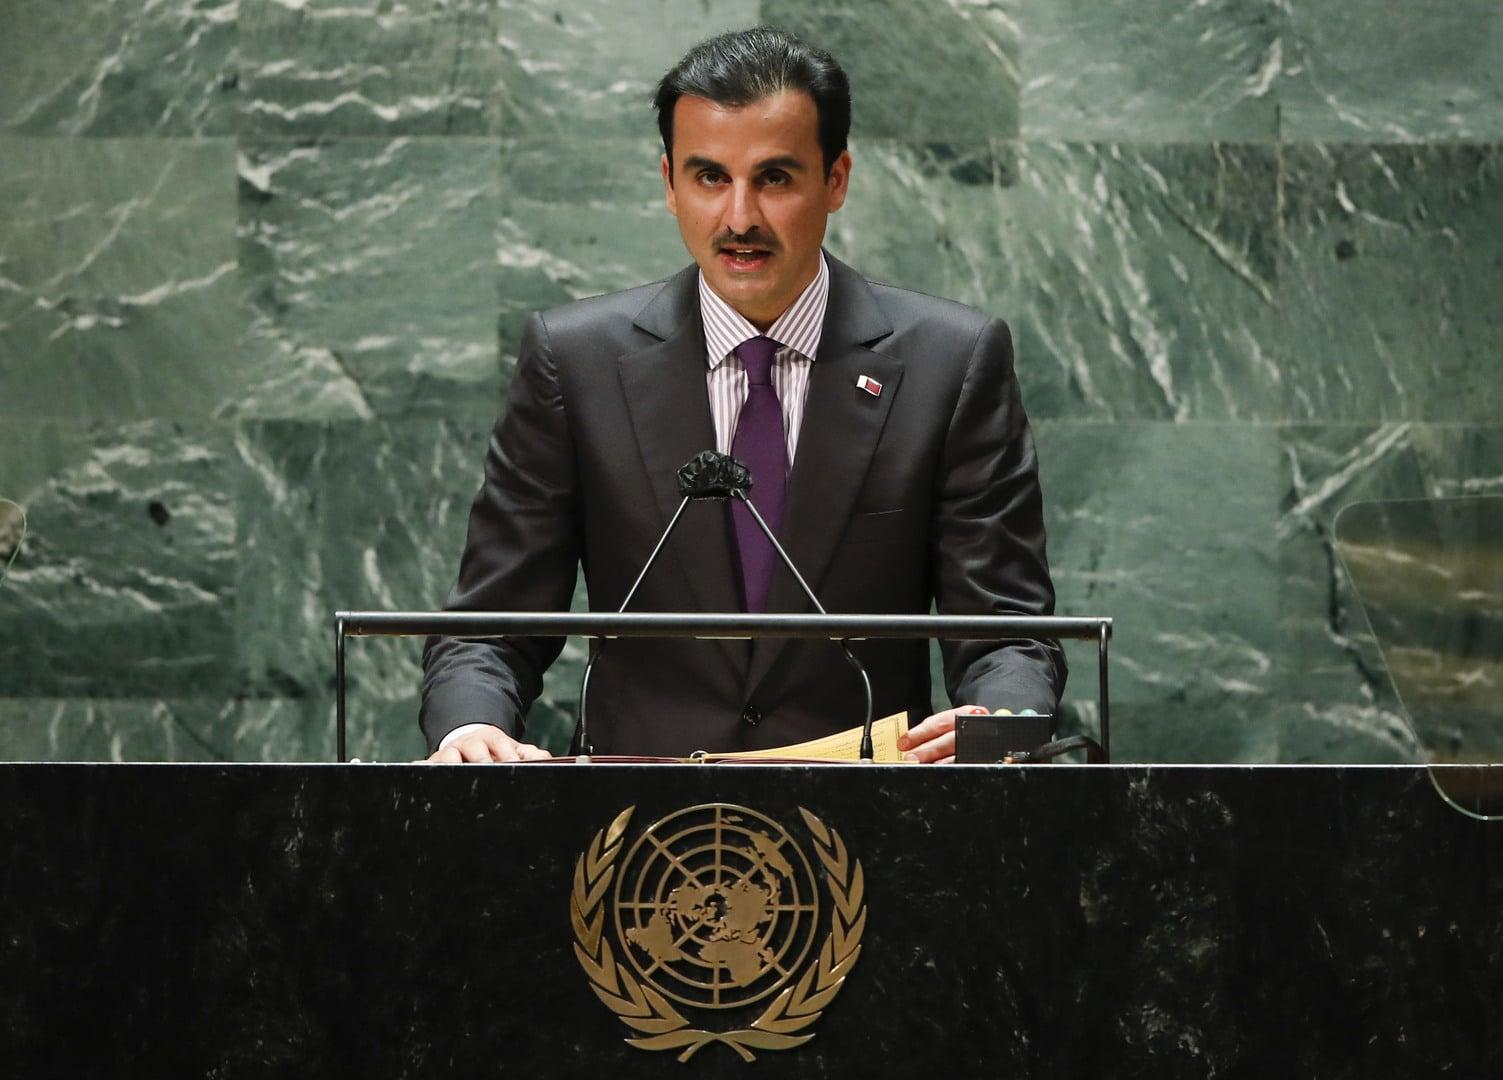 أمير قطر يتحدث في الأمم المتحدة عن المصالحة مع السعودية والإمارات ومصر (شاهد)